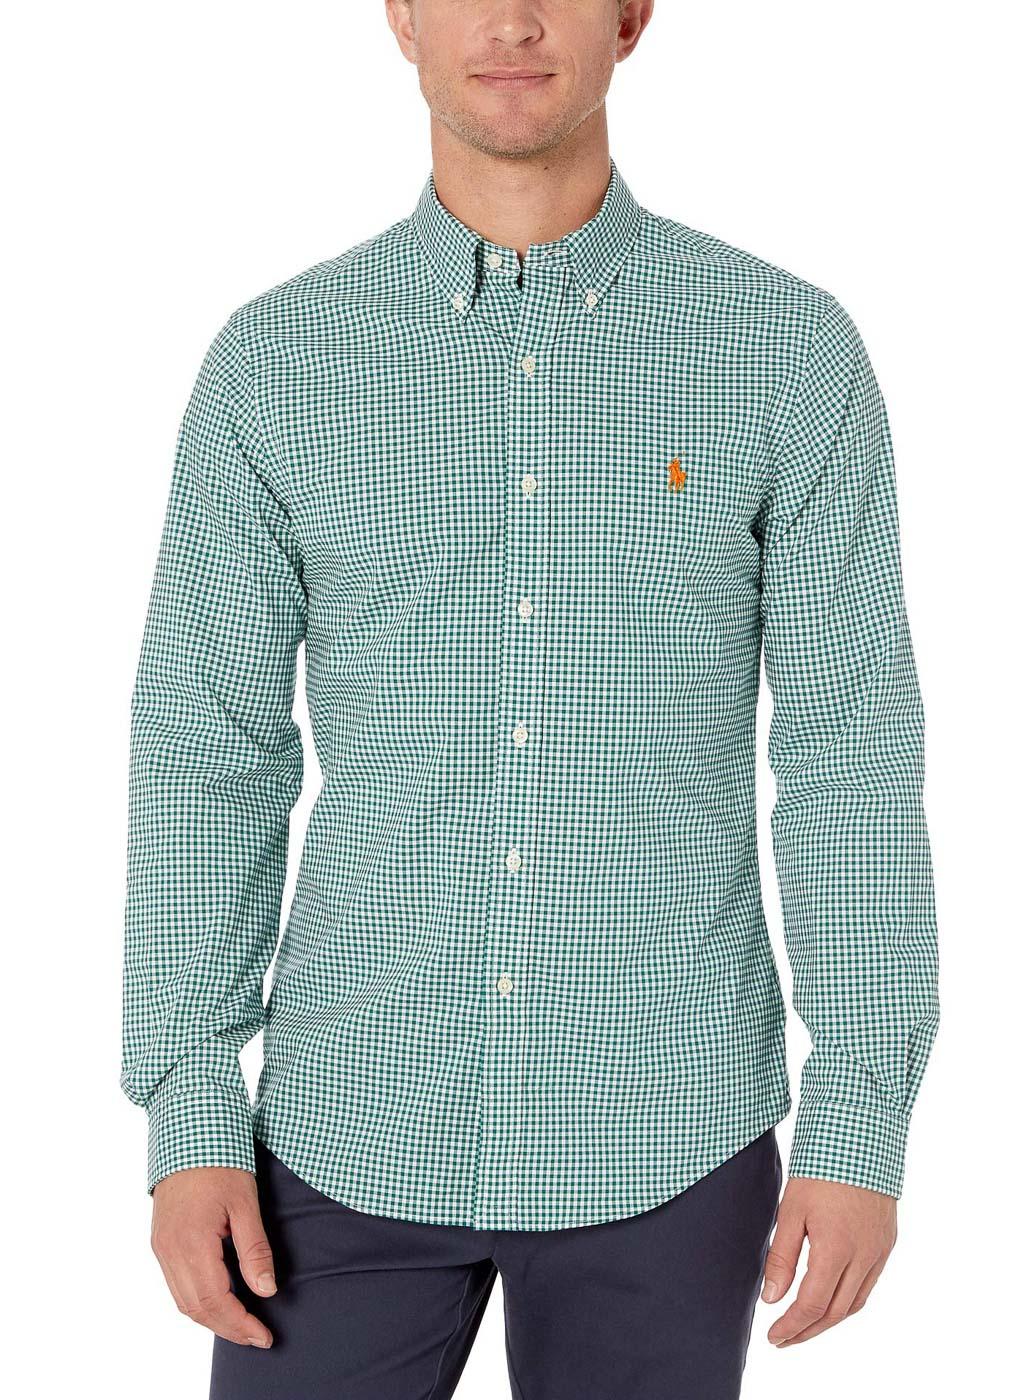 Camisa Ralph Lauren Masculina Slim Fit Poplin Quadriculada Verde